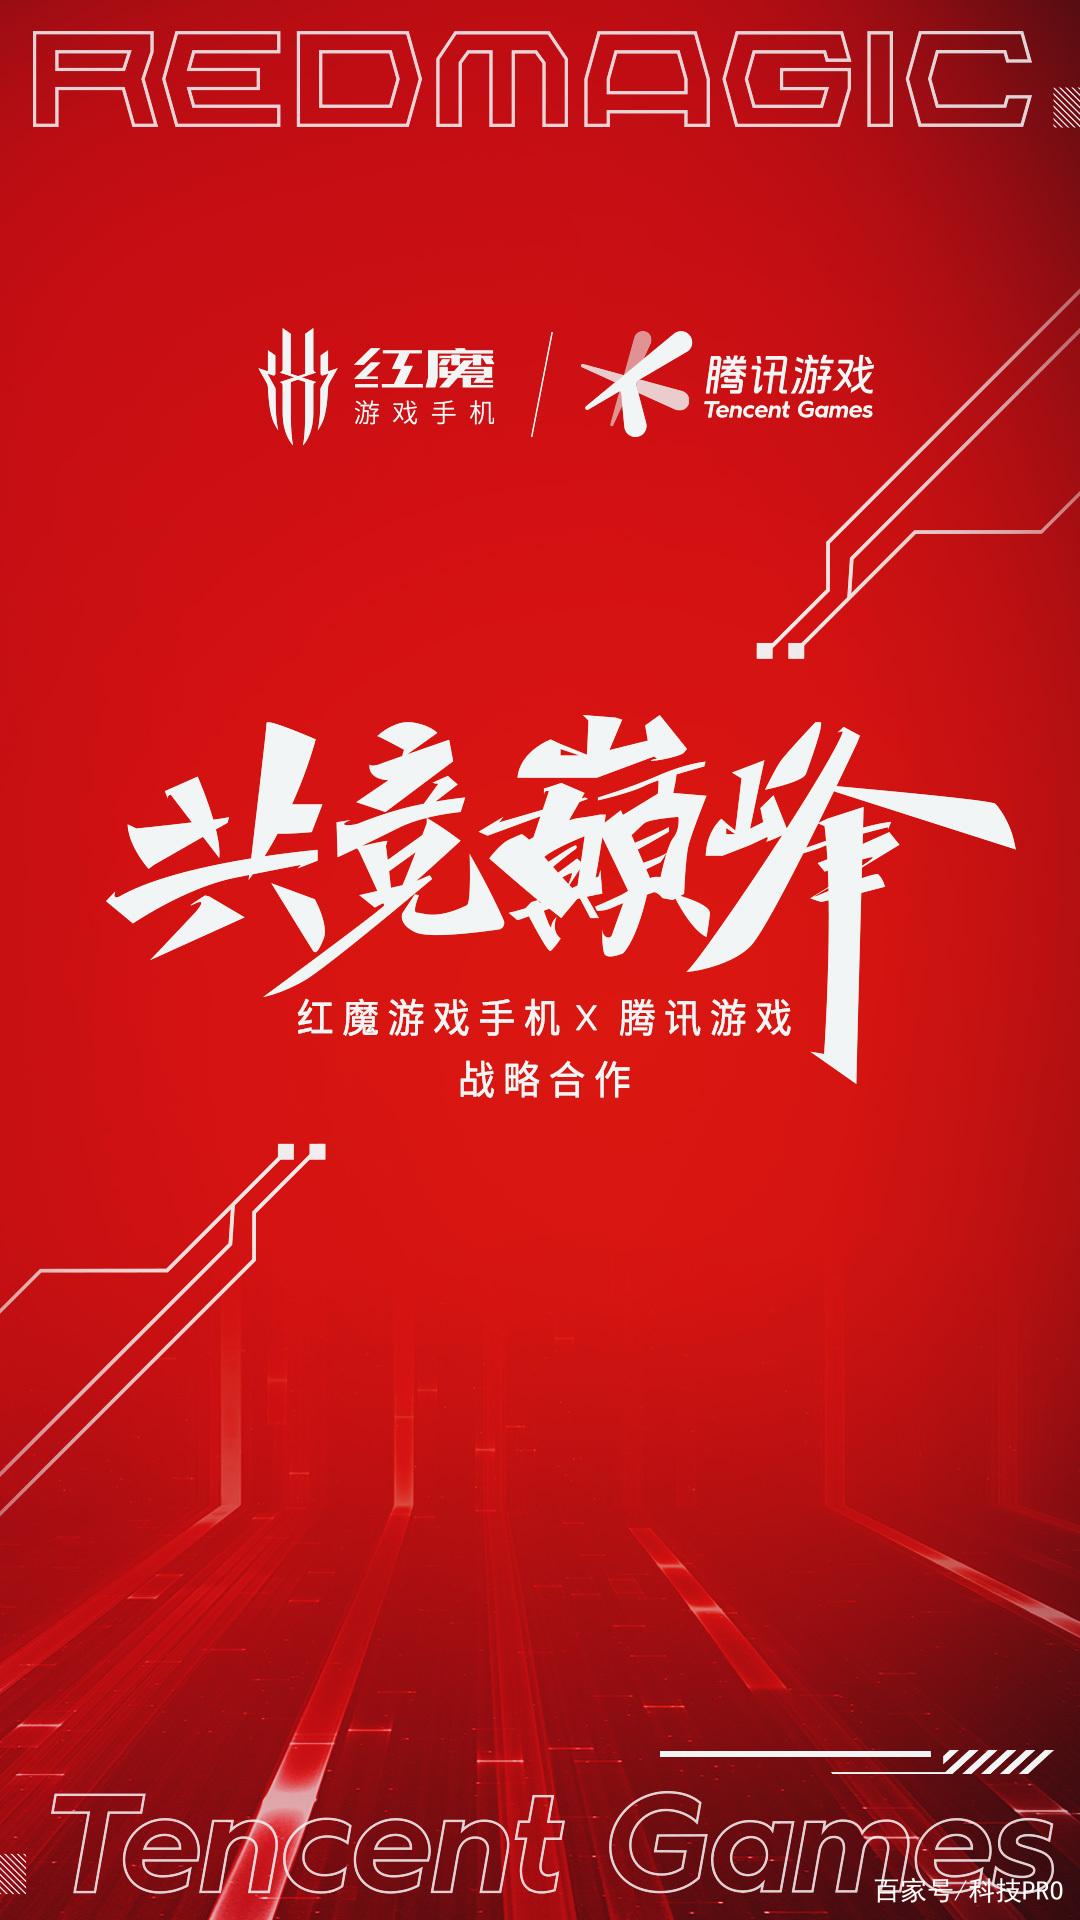 红魔游戏手机X腾讯游戏 顶级游戏旗舰腾讯红魔游戏手机6降临